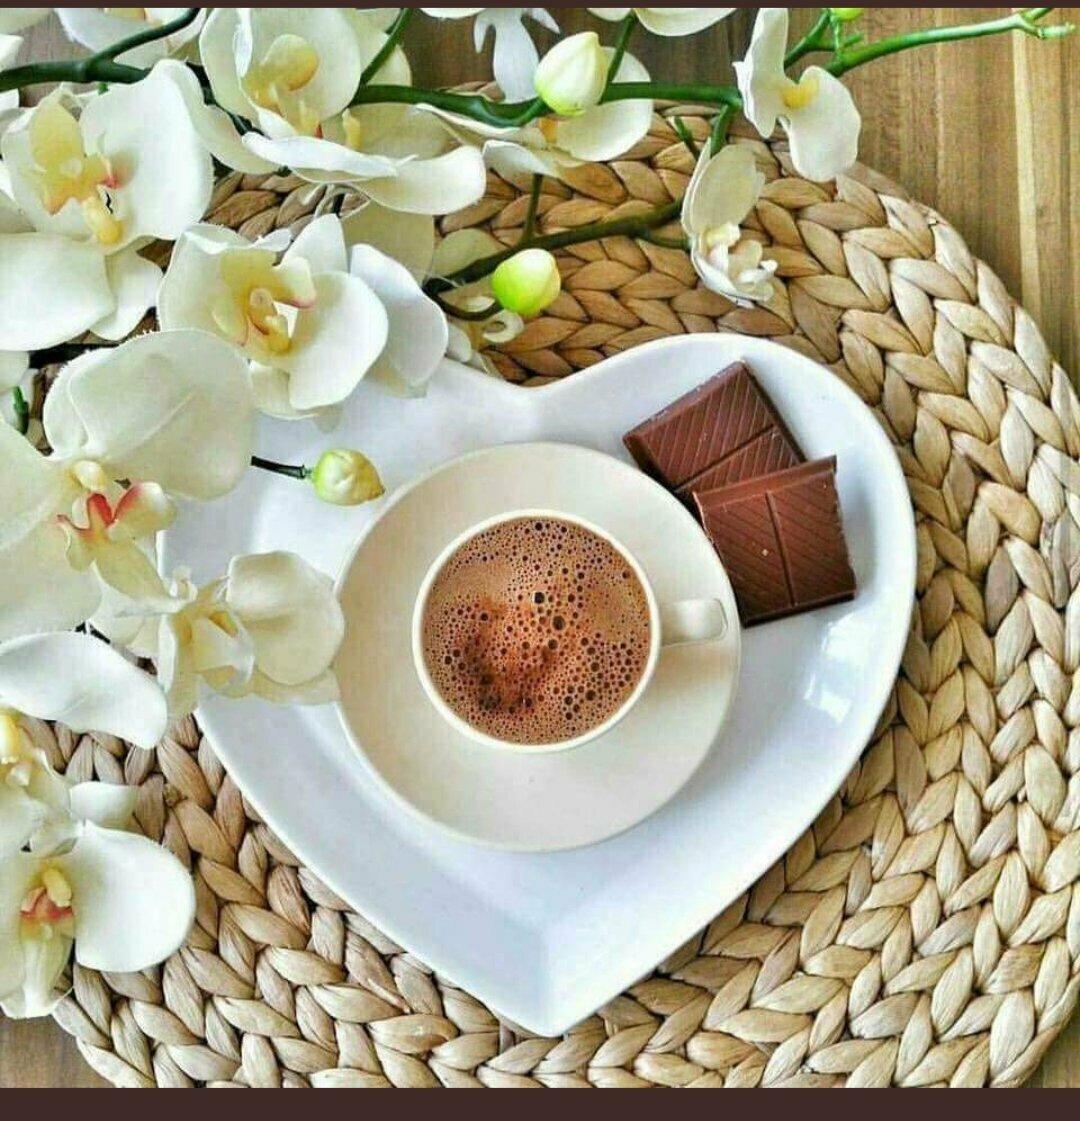 представлен чашка кофе с добрым утром картинки весна однихв основном северах-в